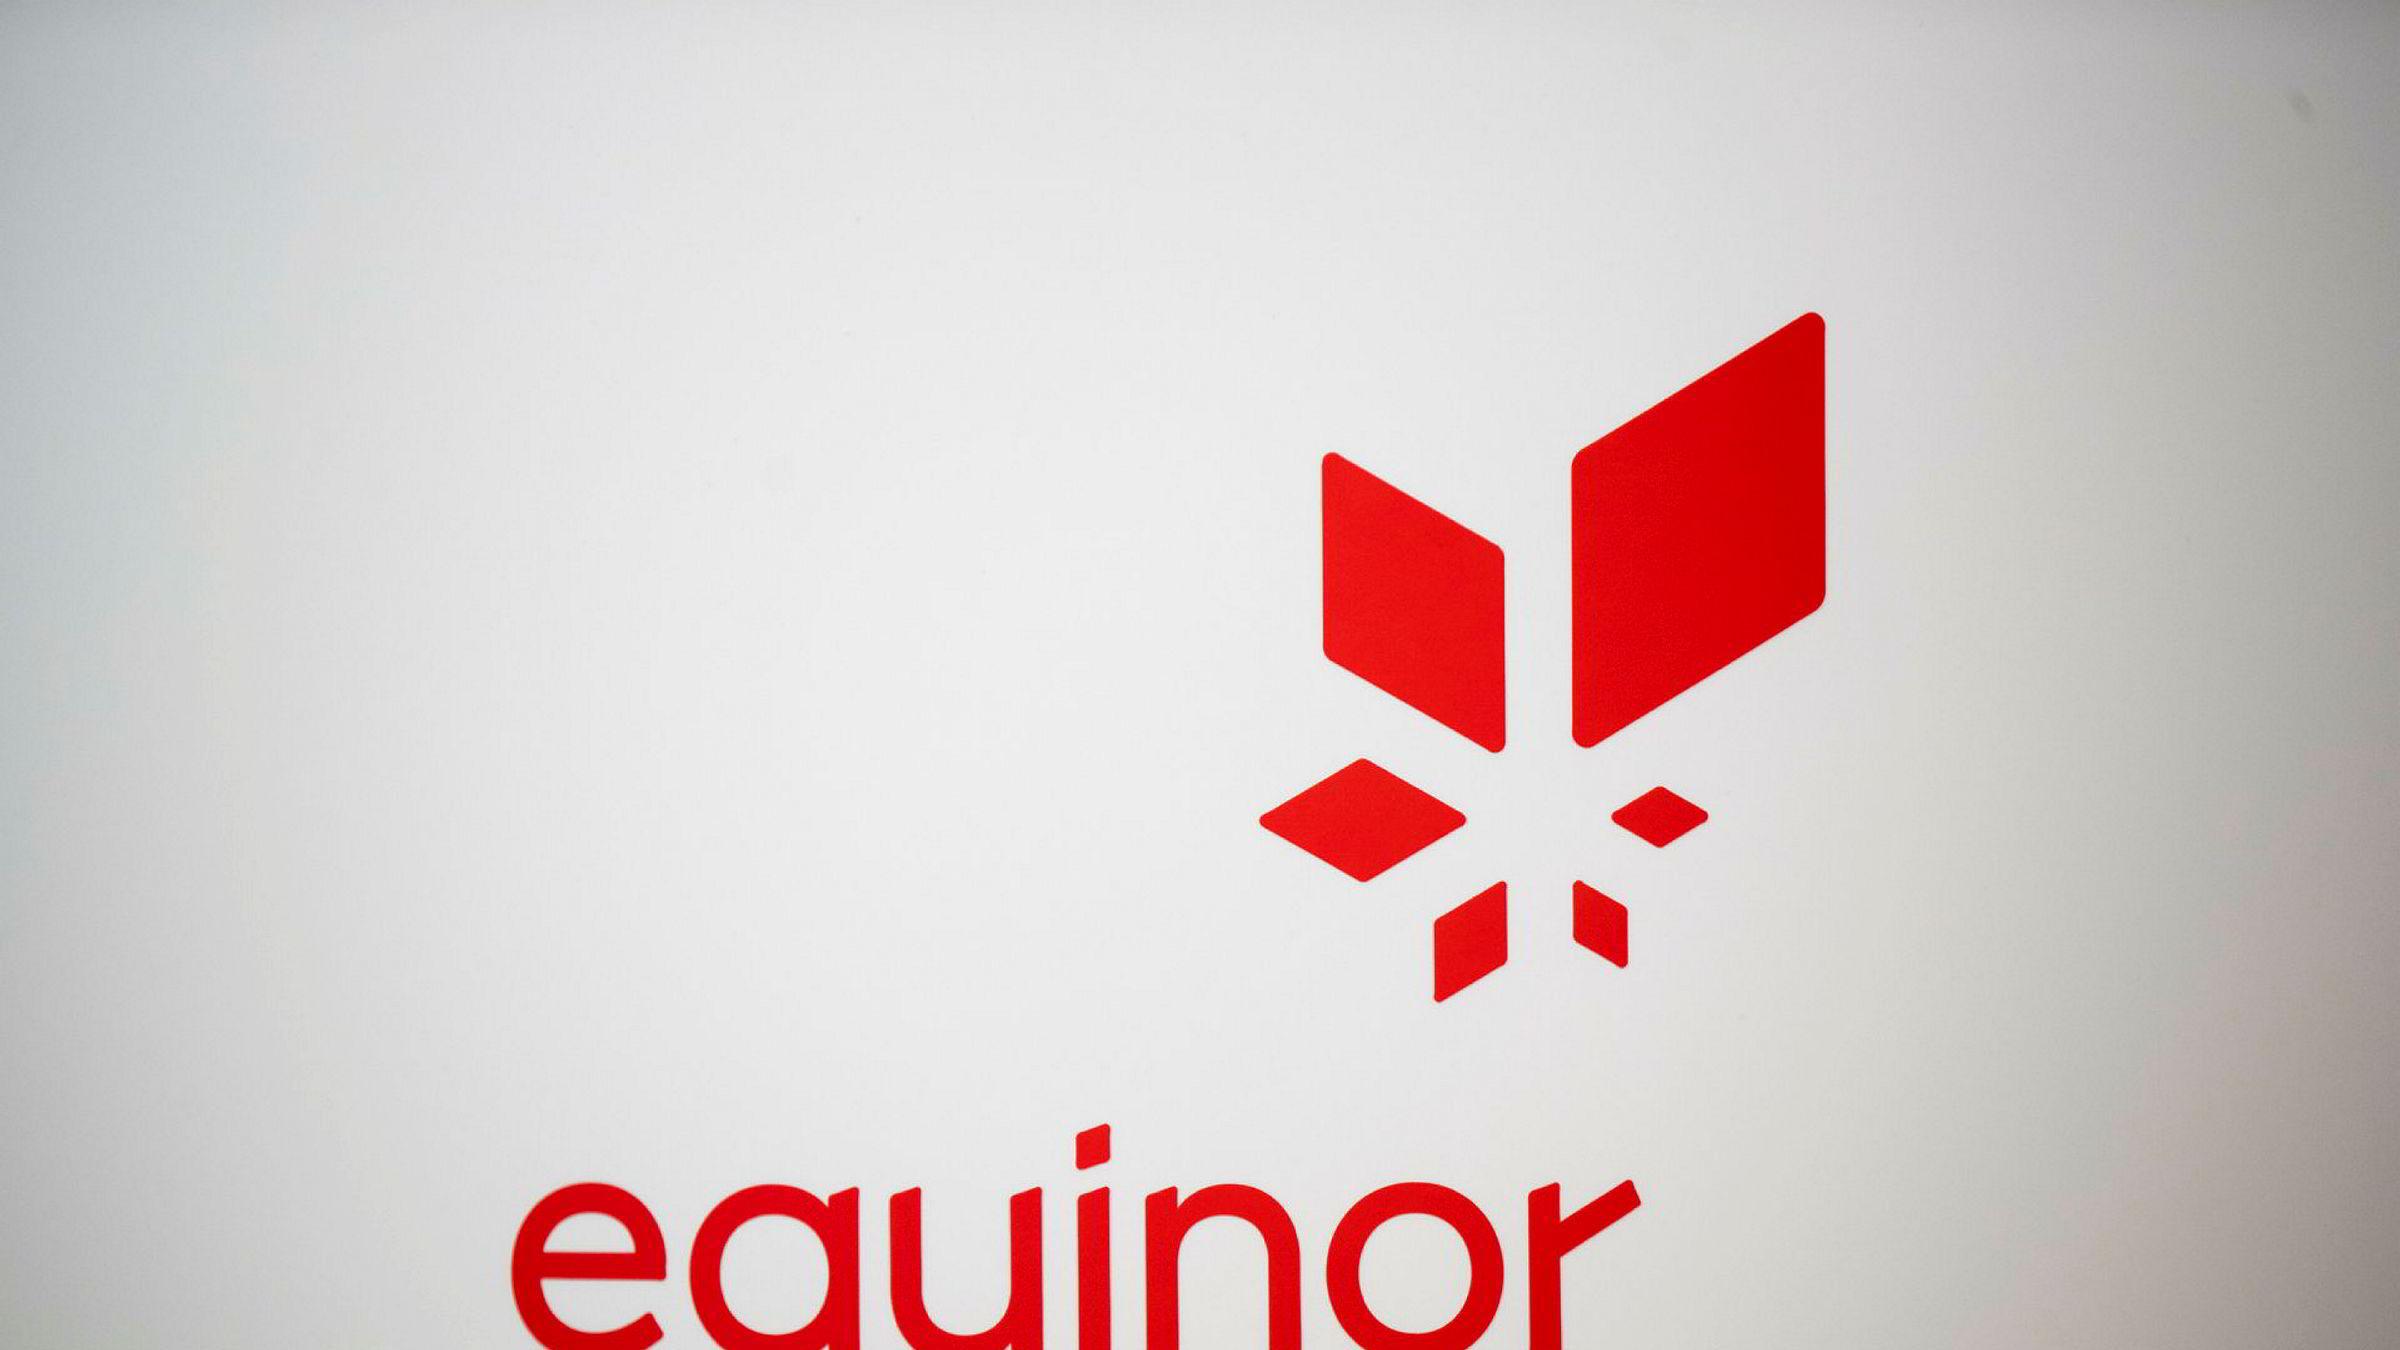 Equinor og SSE har valgt å bruke verdens største turbiner på rundt 12 megawatt fra selskapet GE på havvindprosjektet Dogger Bank.